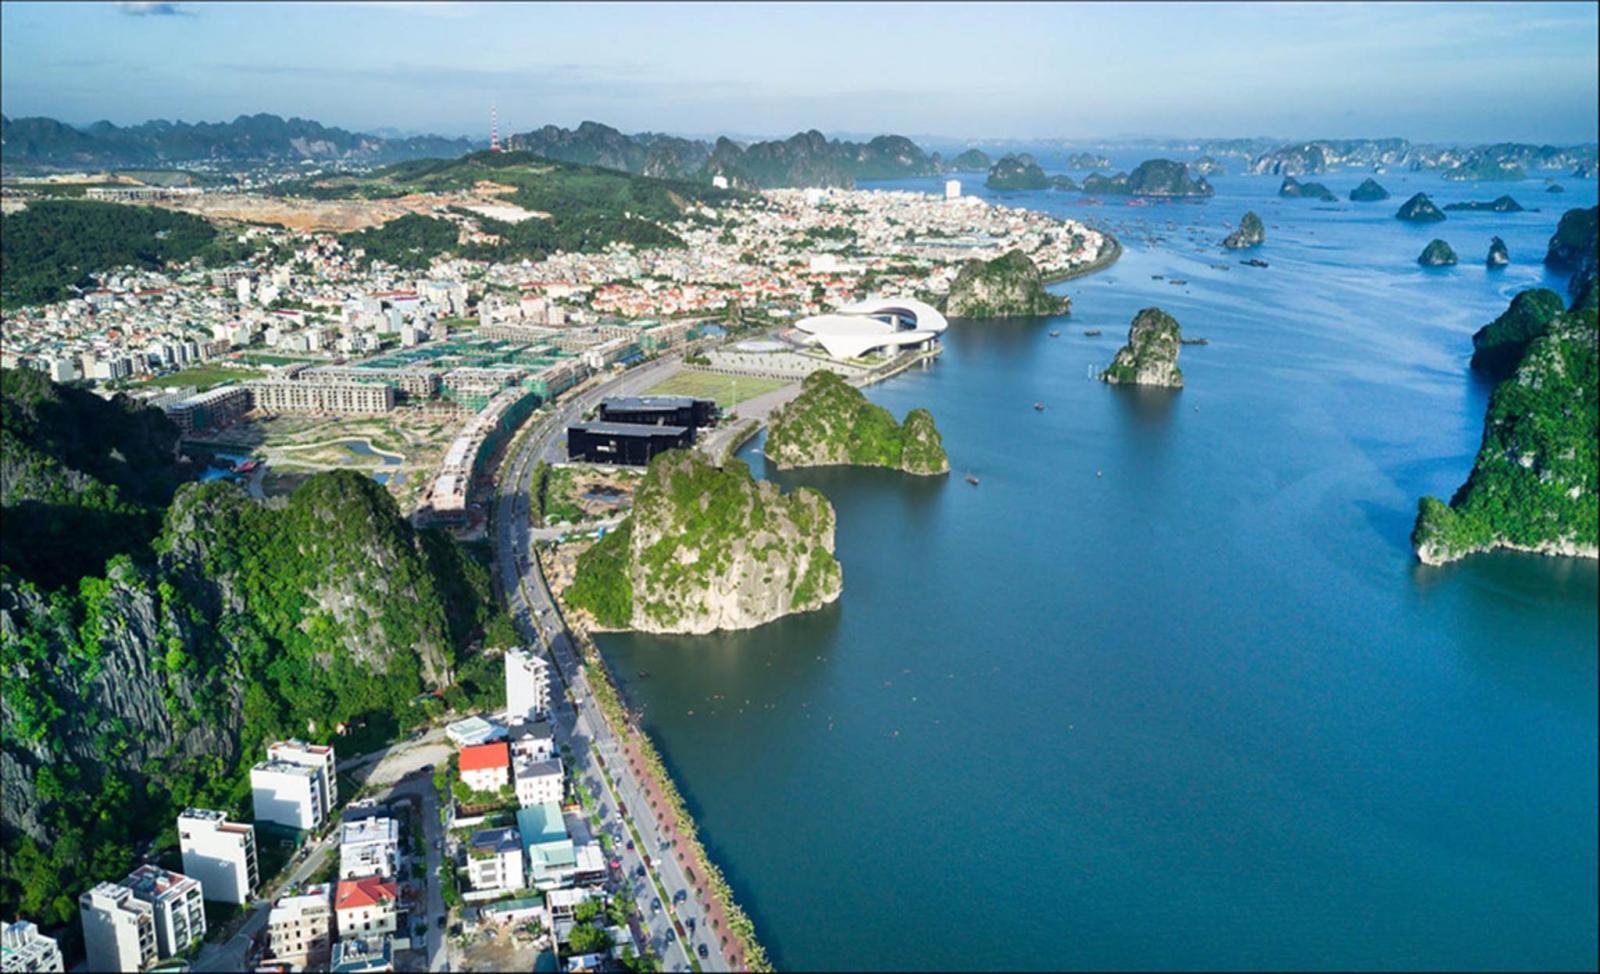 Khu đô thị bên bờ biển ở Quảng Ninh